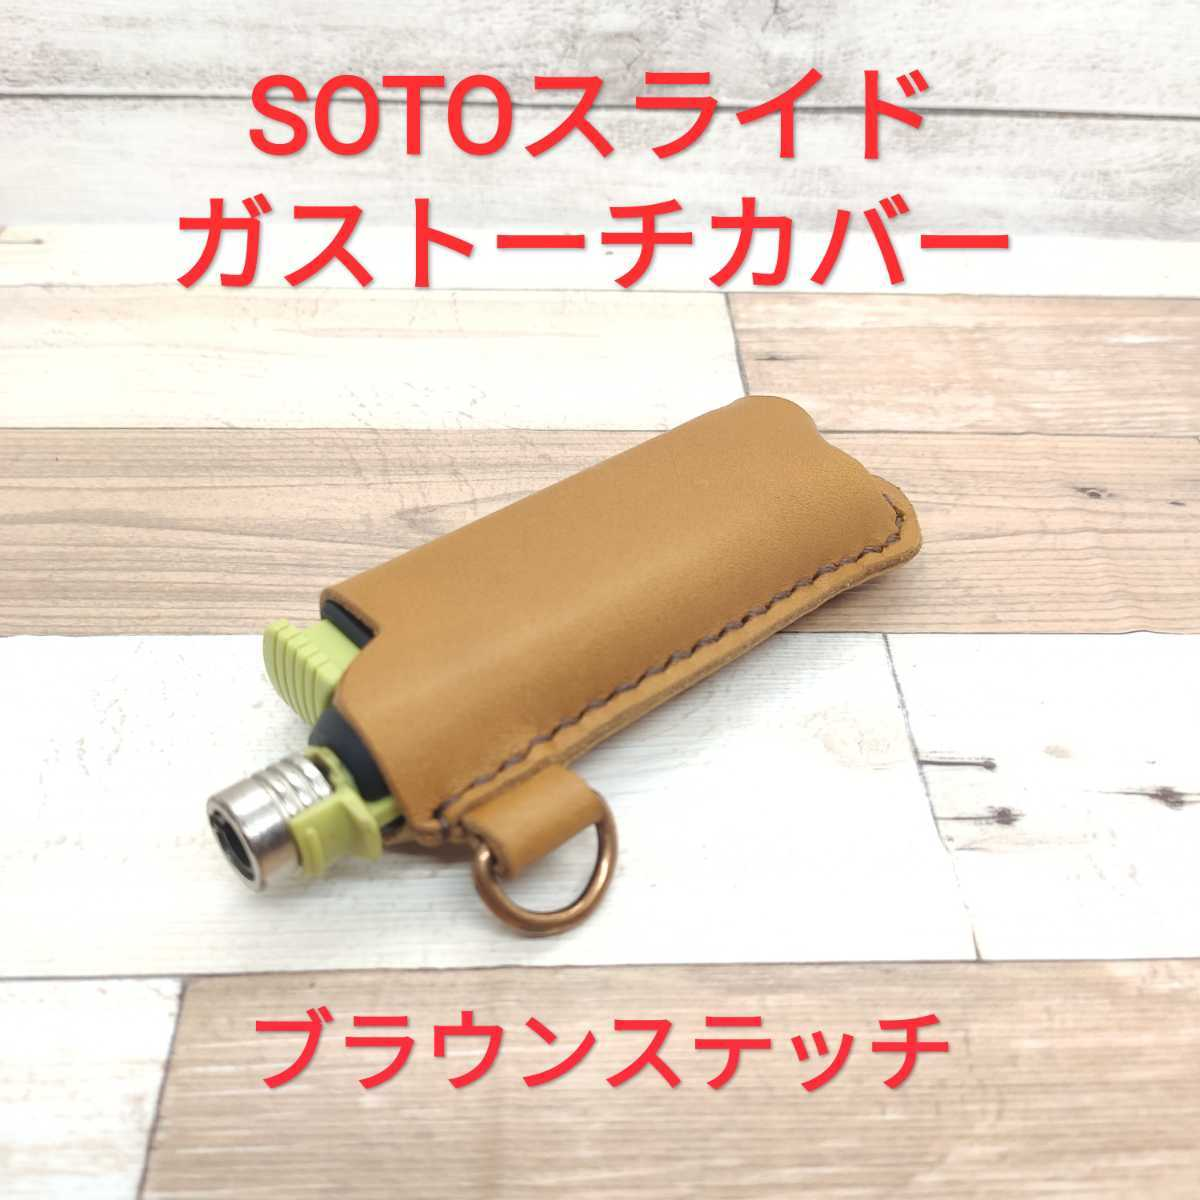 極上素材 SOTO スライドガストーチ カバー キャメル×ブラウンステッチ